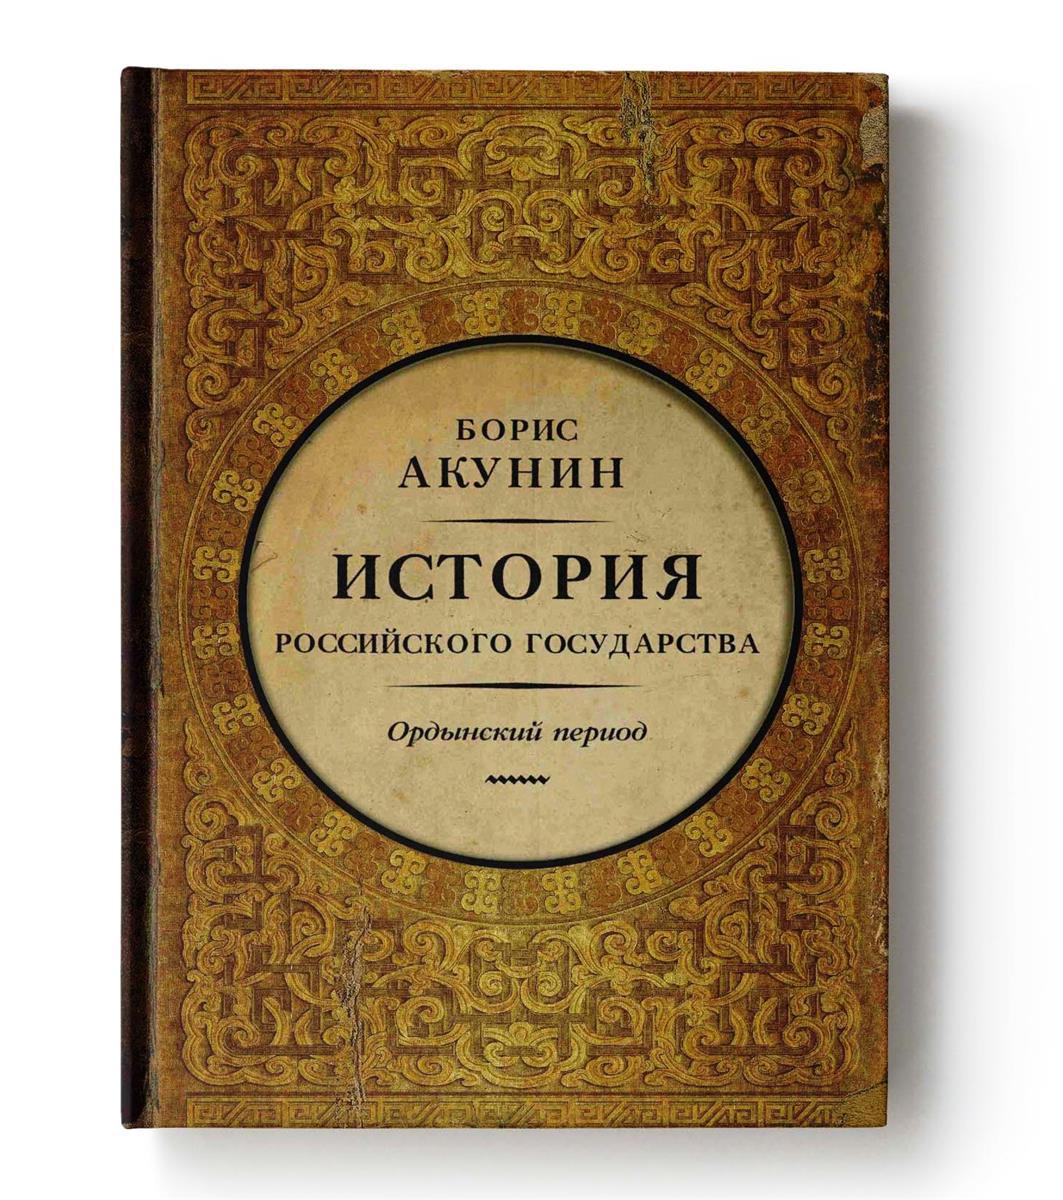 История Российского государства. Ордынский период. Часть Азии